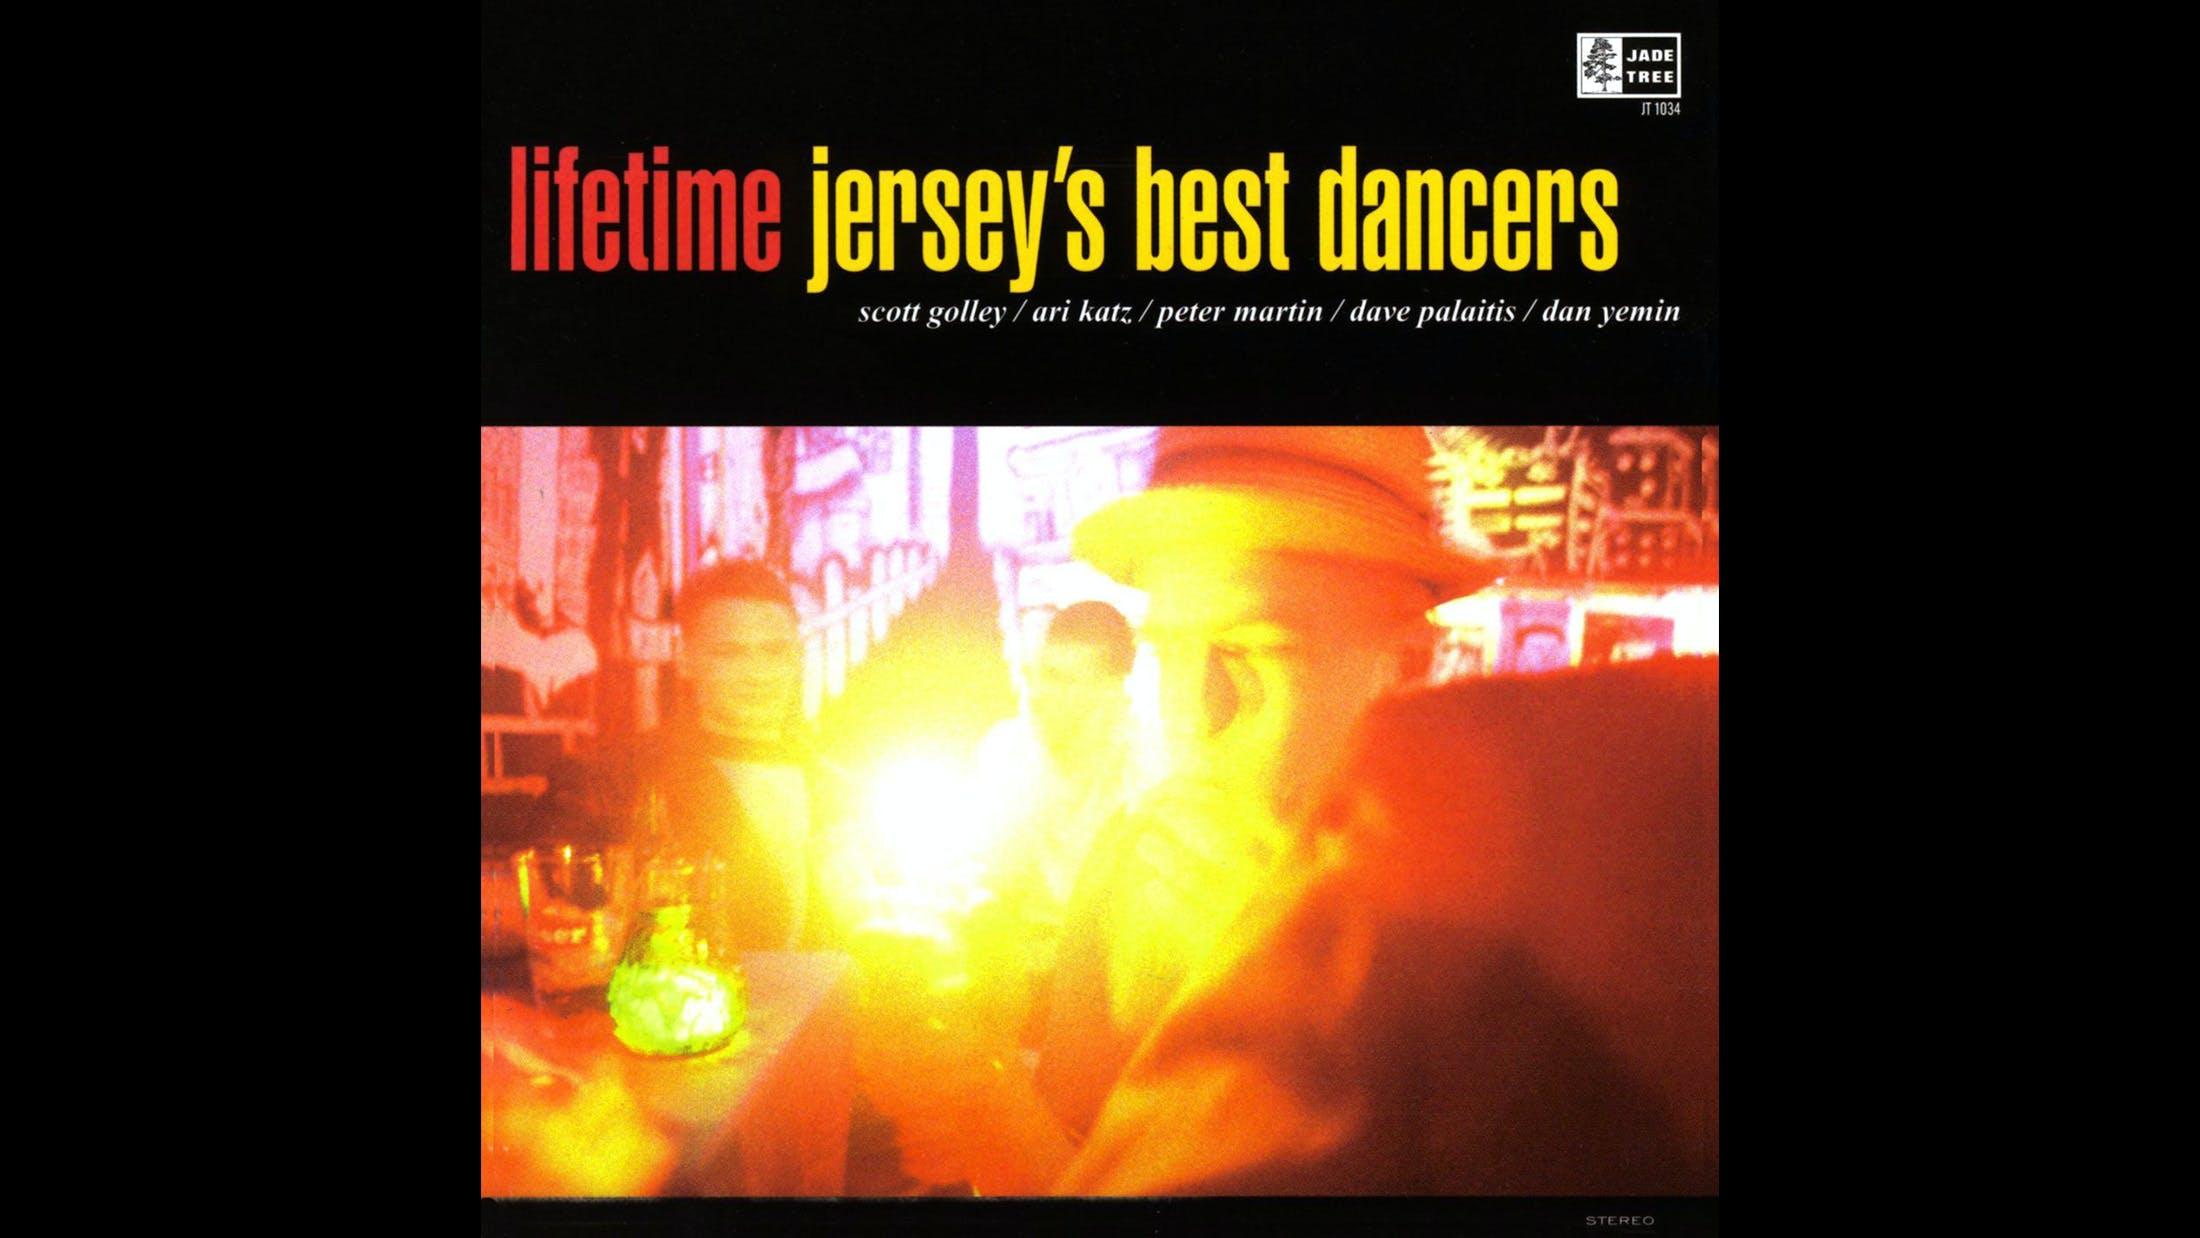 45. Lifetime - Jersey's Best Dancers (1997)